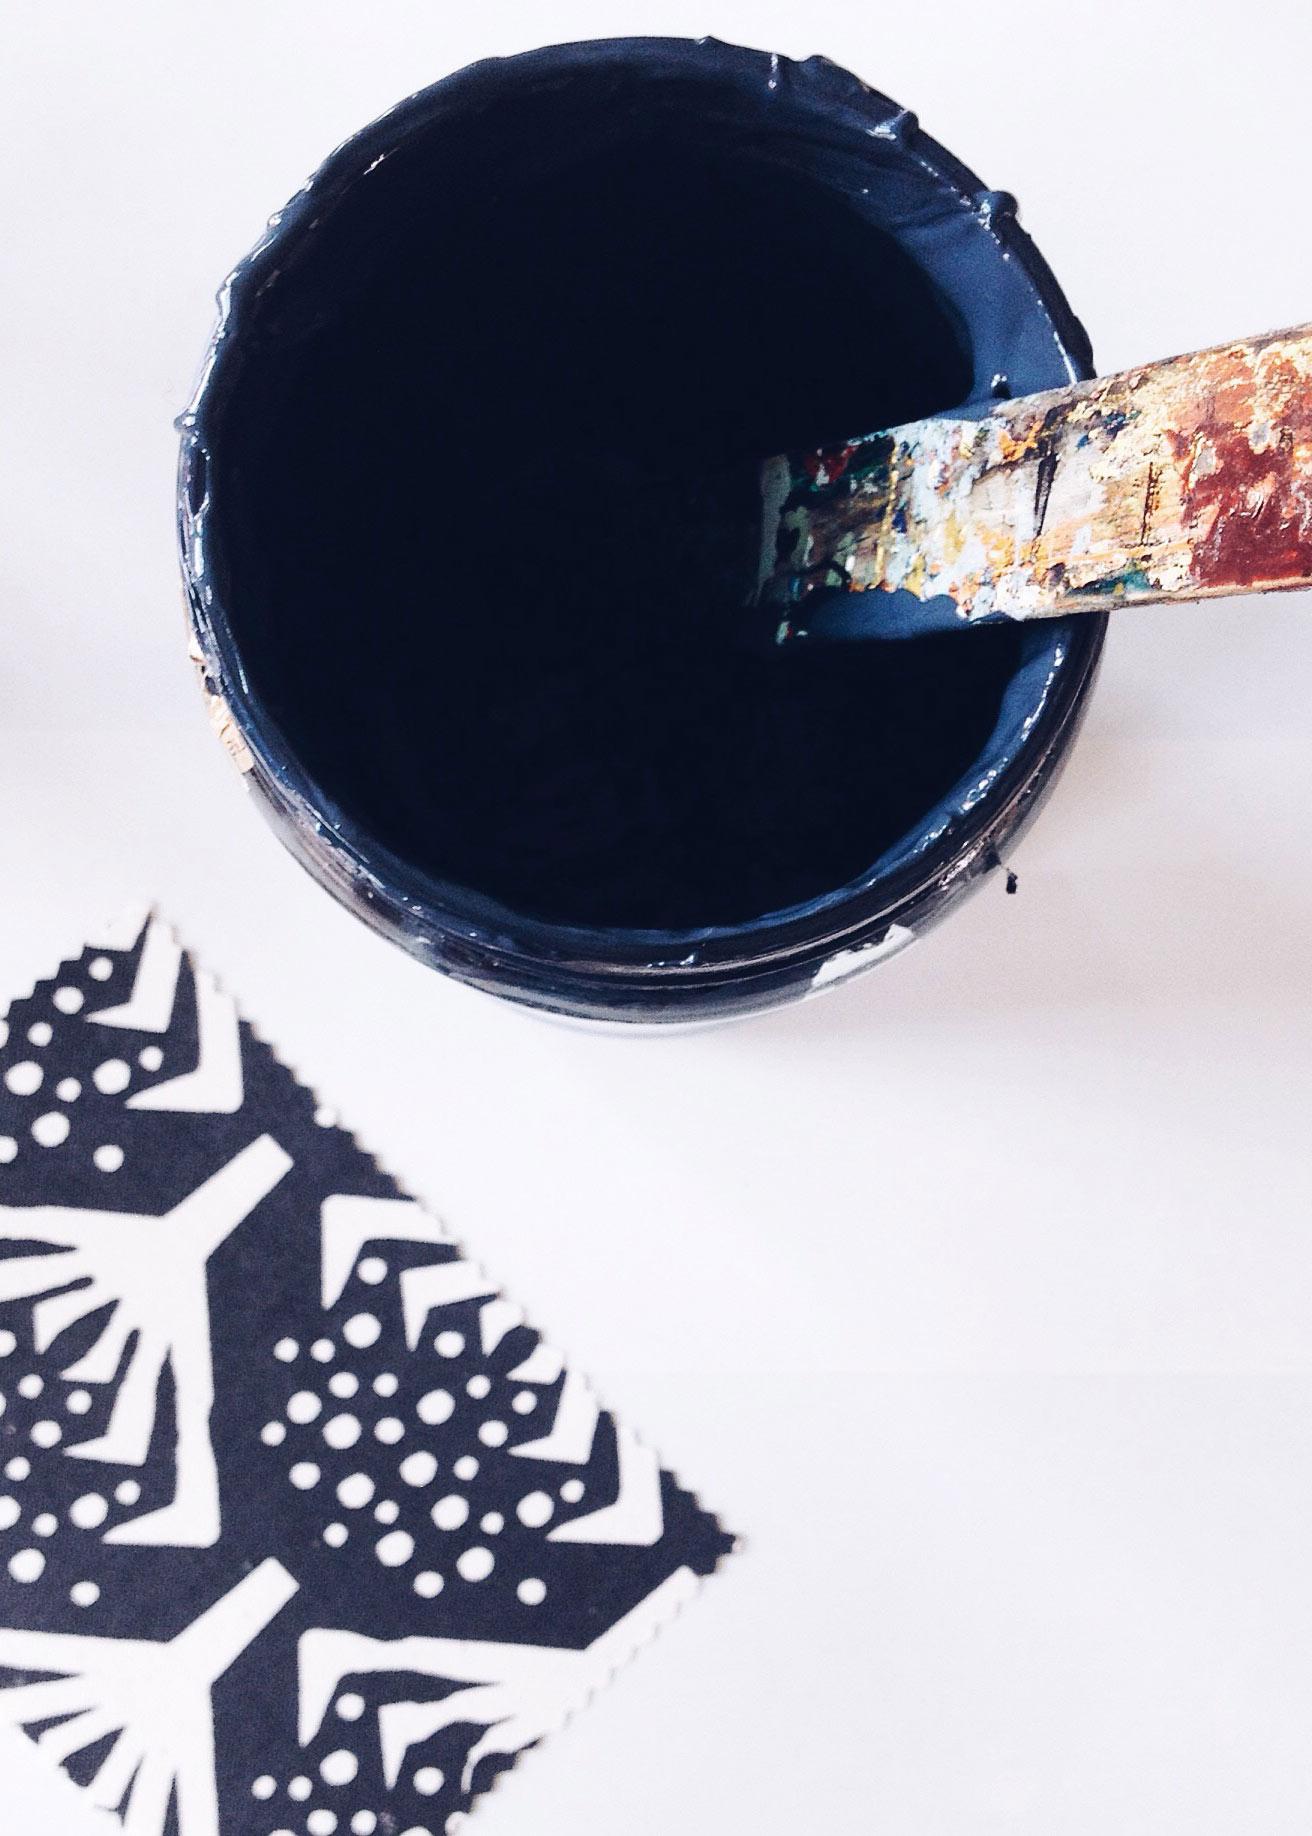 Soetwaer door Nicola Kloosterman indigo print geïnspireerd op de natuur